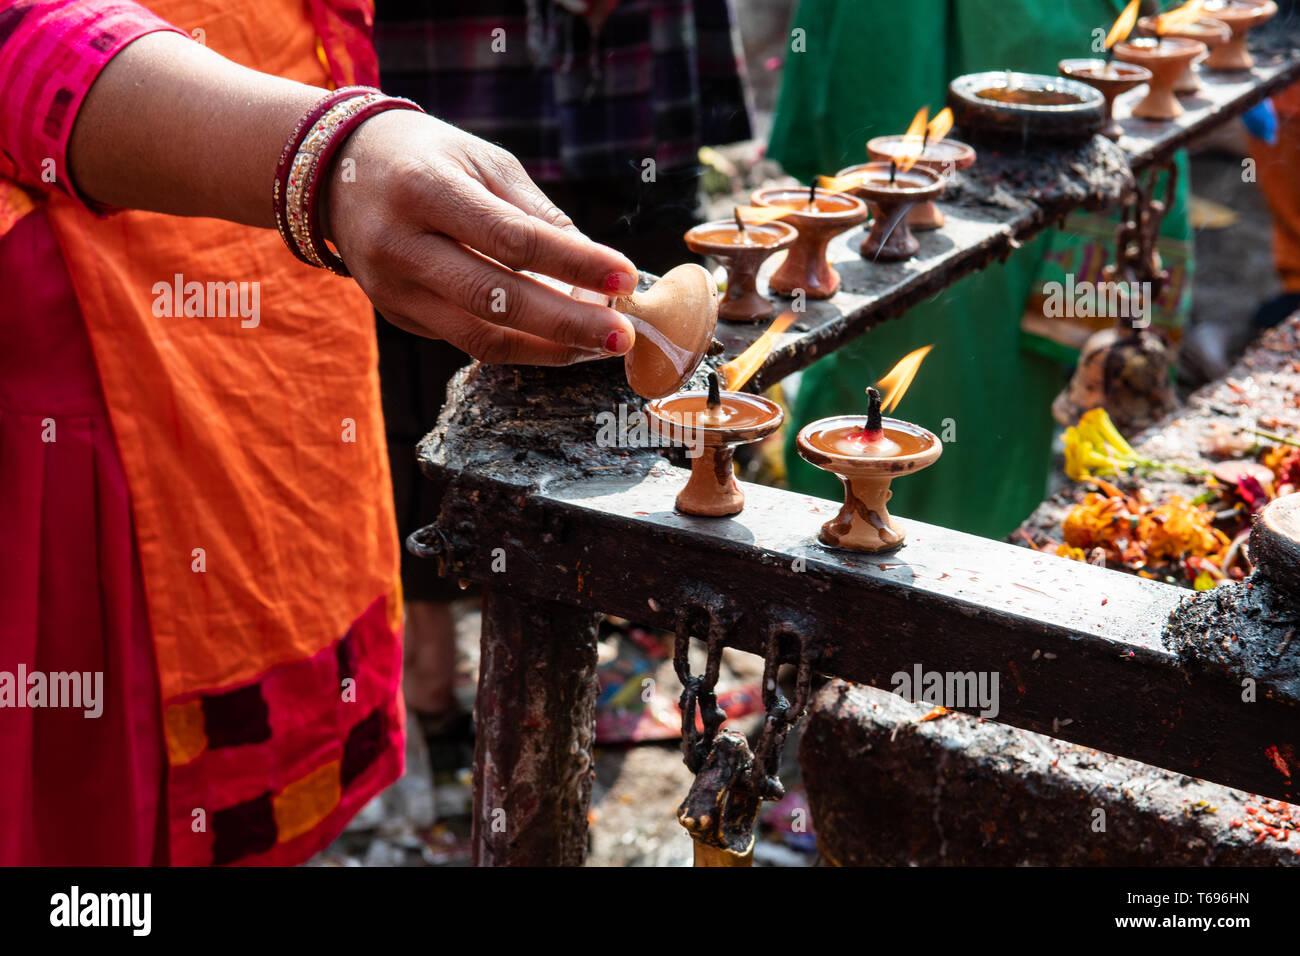 Parte de las mujeres de 20 a 30 años de edad devoto hindú de Nepal ofrecen lámparas de aceite en Katmandú, Nepal. Imagen De Stock